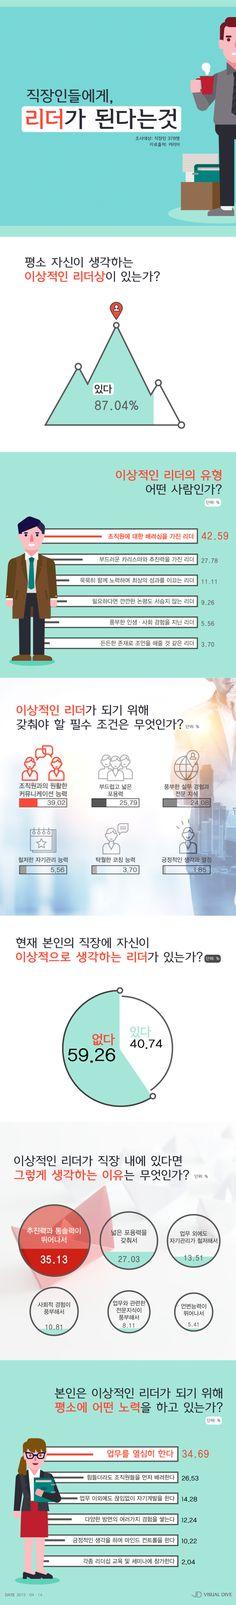 직장인들, '배려심, 소통능력' 갖춘 리더가 최고 [인포그래픽] #leader / #Infographic ⓒ 비주얼다이브 무단 복사·전재·재배포 금지